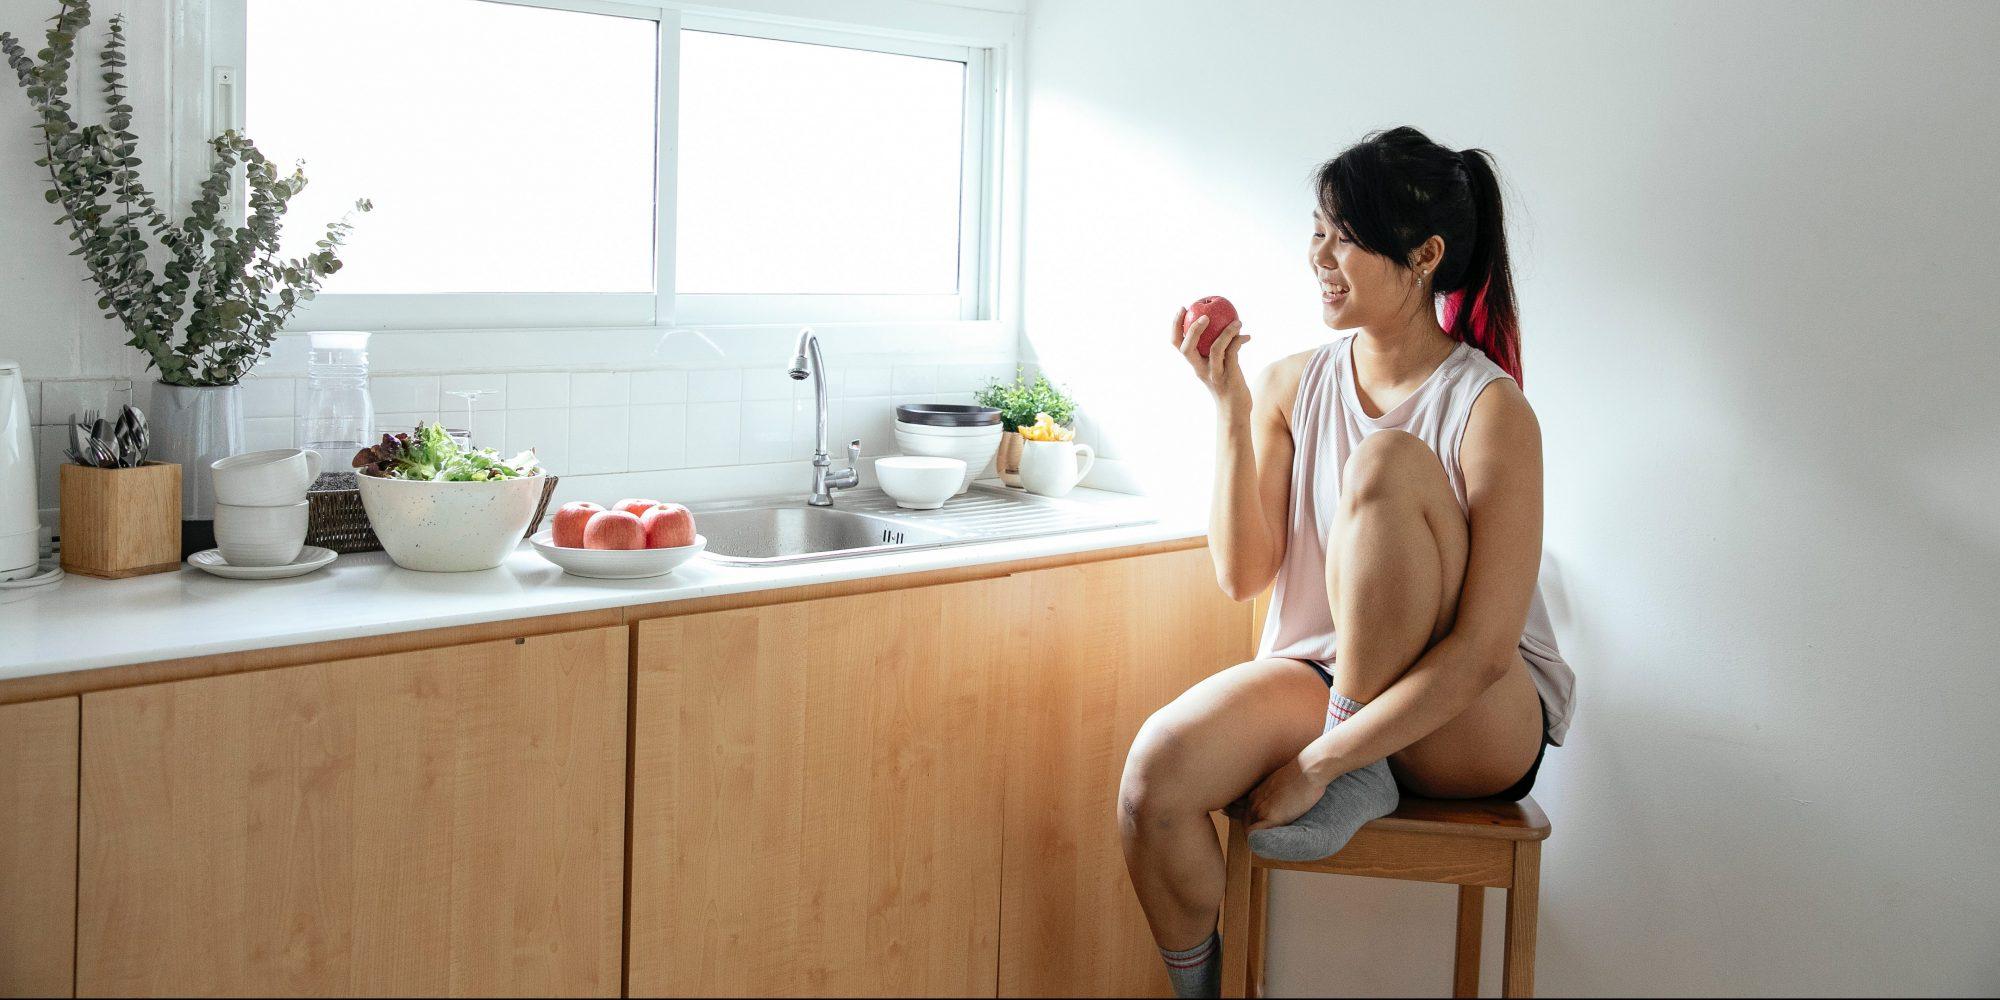 8 ενδεικτικά γεύματα για να μπεις εύκολα σε πρόγραμμα αυτό το φθινόπωρο Εάν θες να μπεις ξανά σε ένα πρόγραμμα διατροφής το φθινόπωρο κι αν αισθάνεσαι πως έχει ξεφύγει αρκετά διατροφικά, τότε αυτό το άρθρο έχει γραφτεί για εσένα.